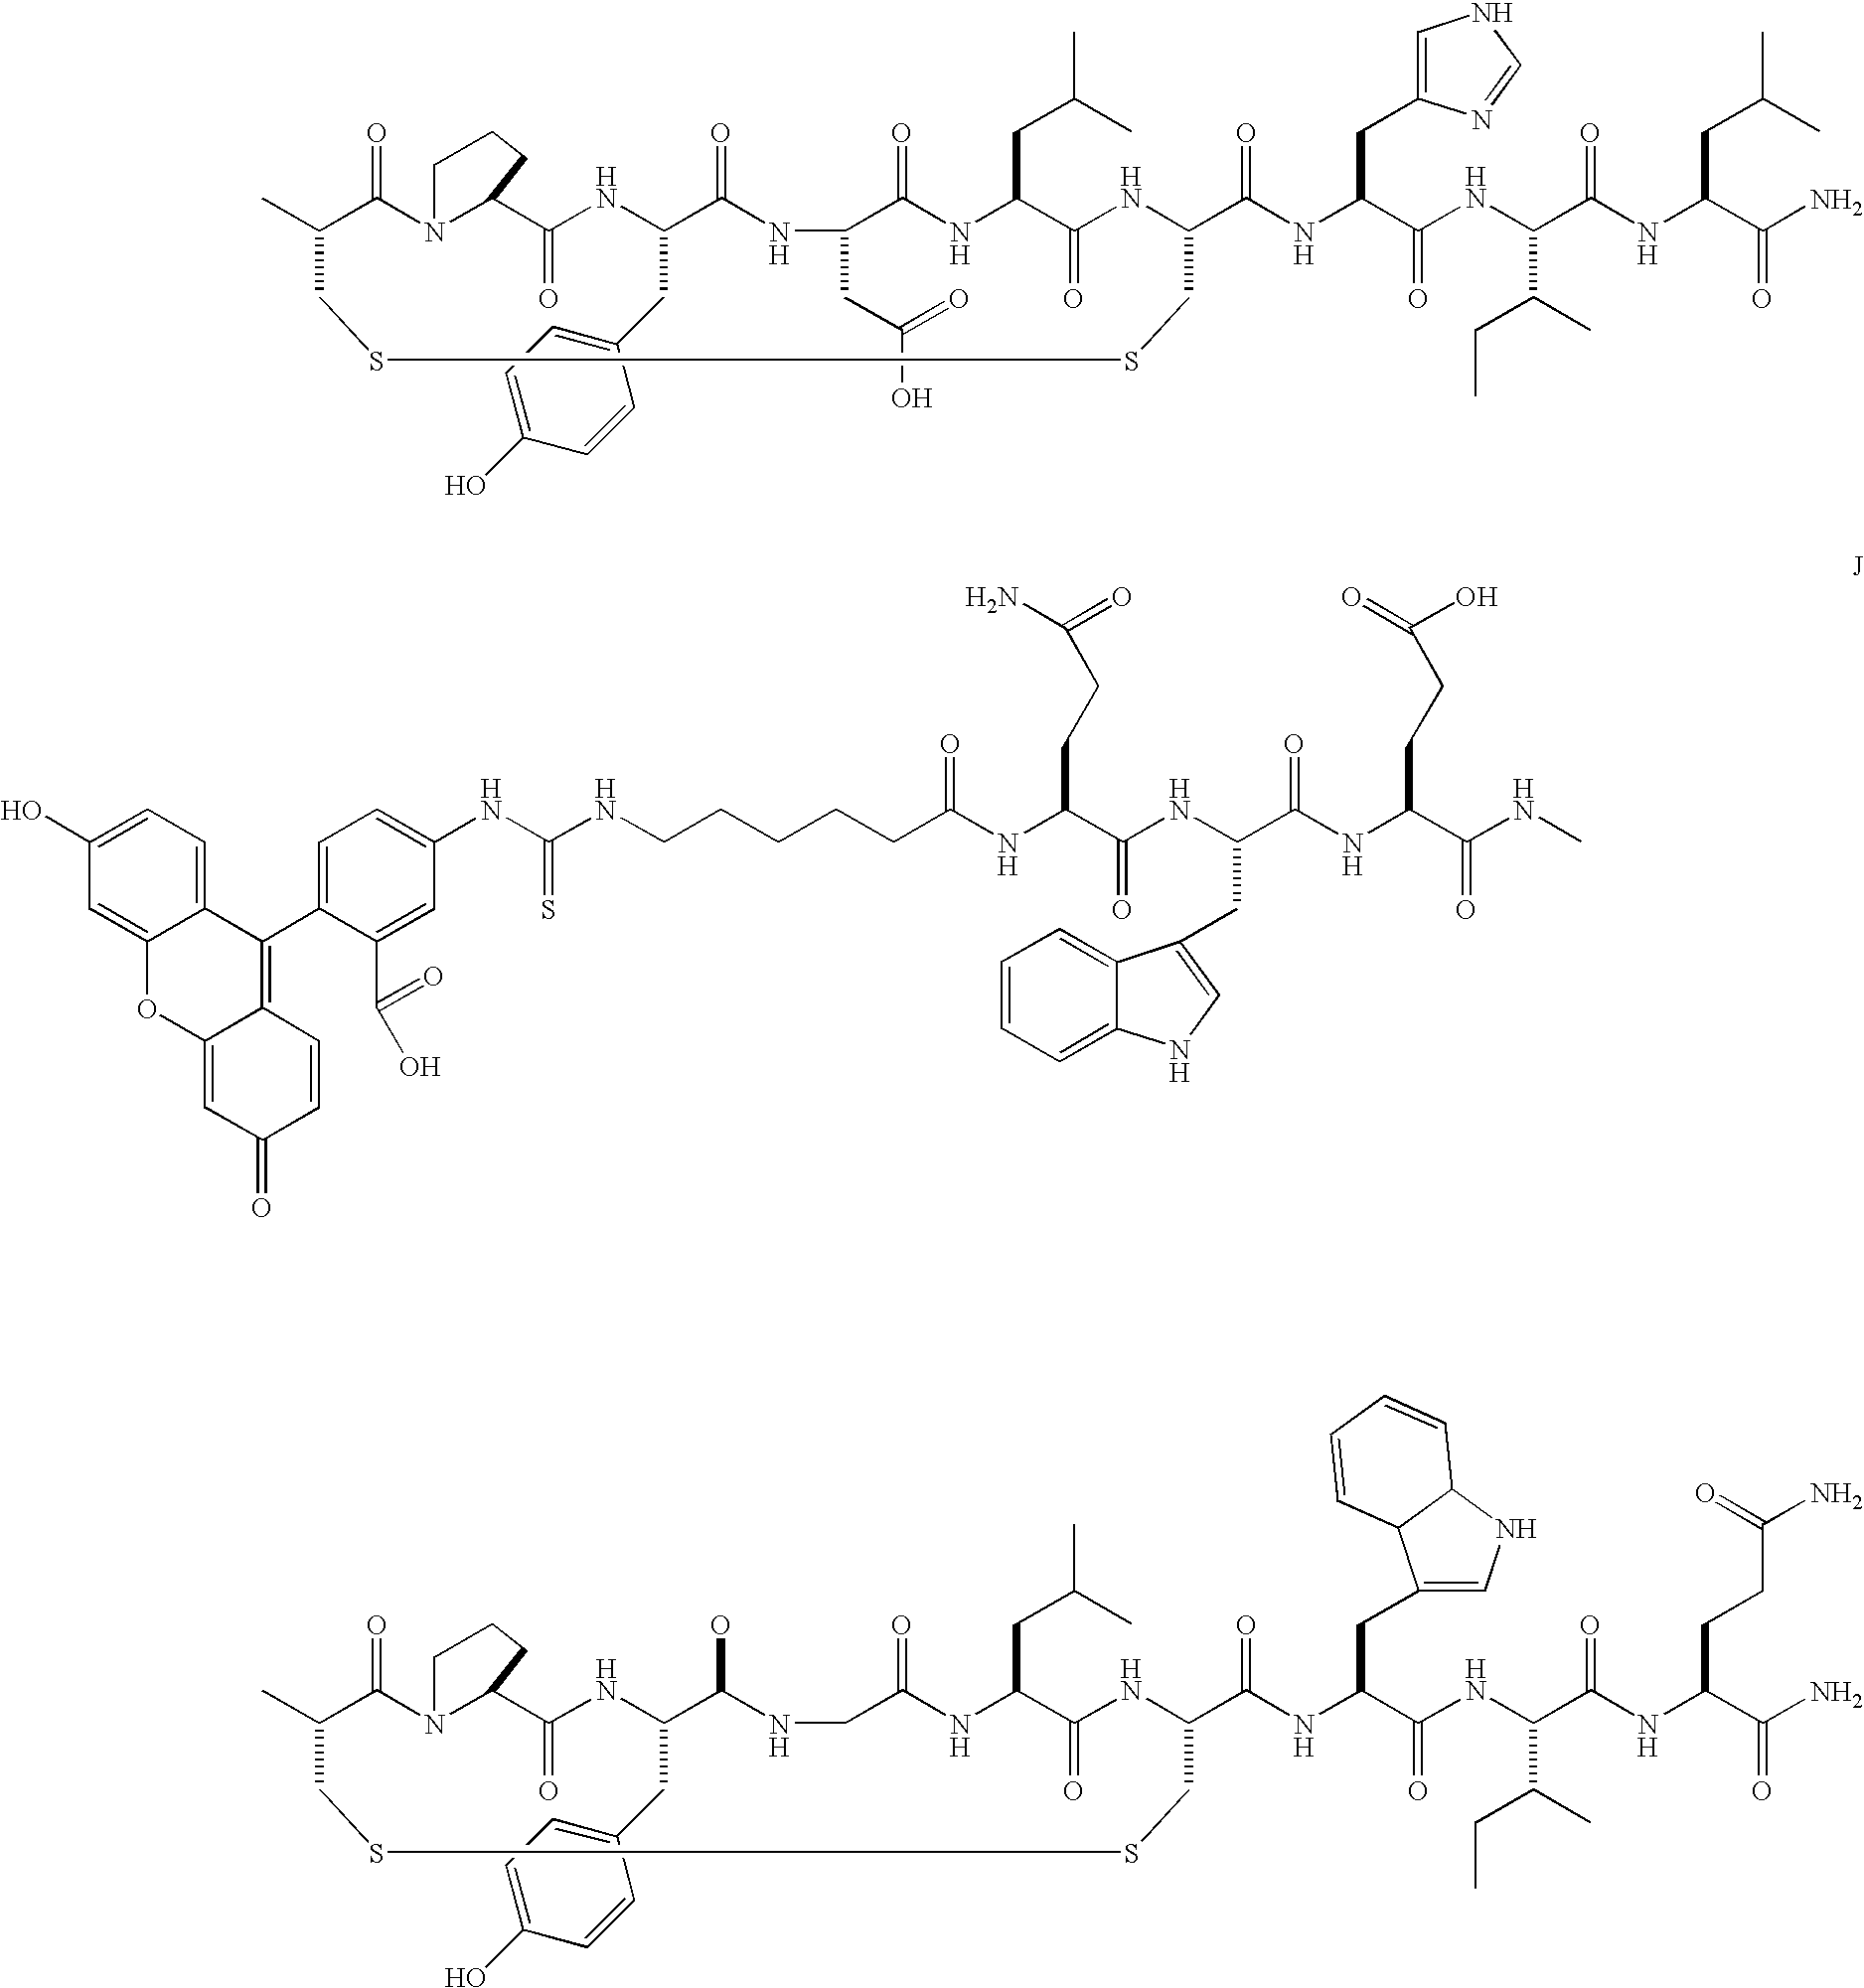 Figure US20030180222A1-20030925-C00146